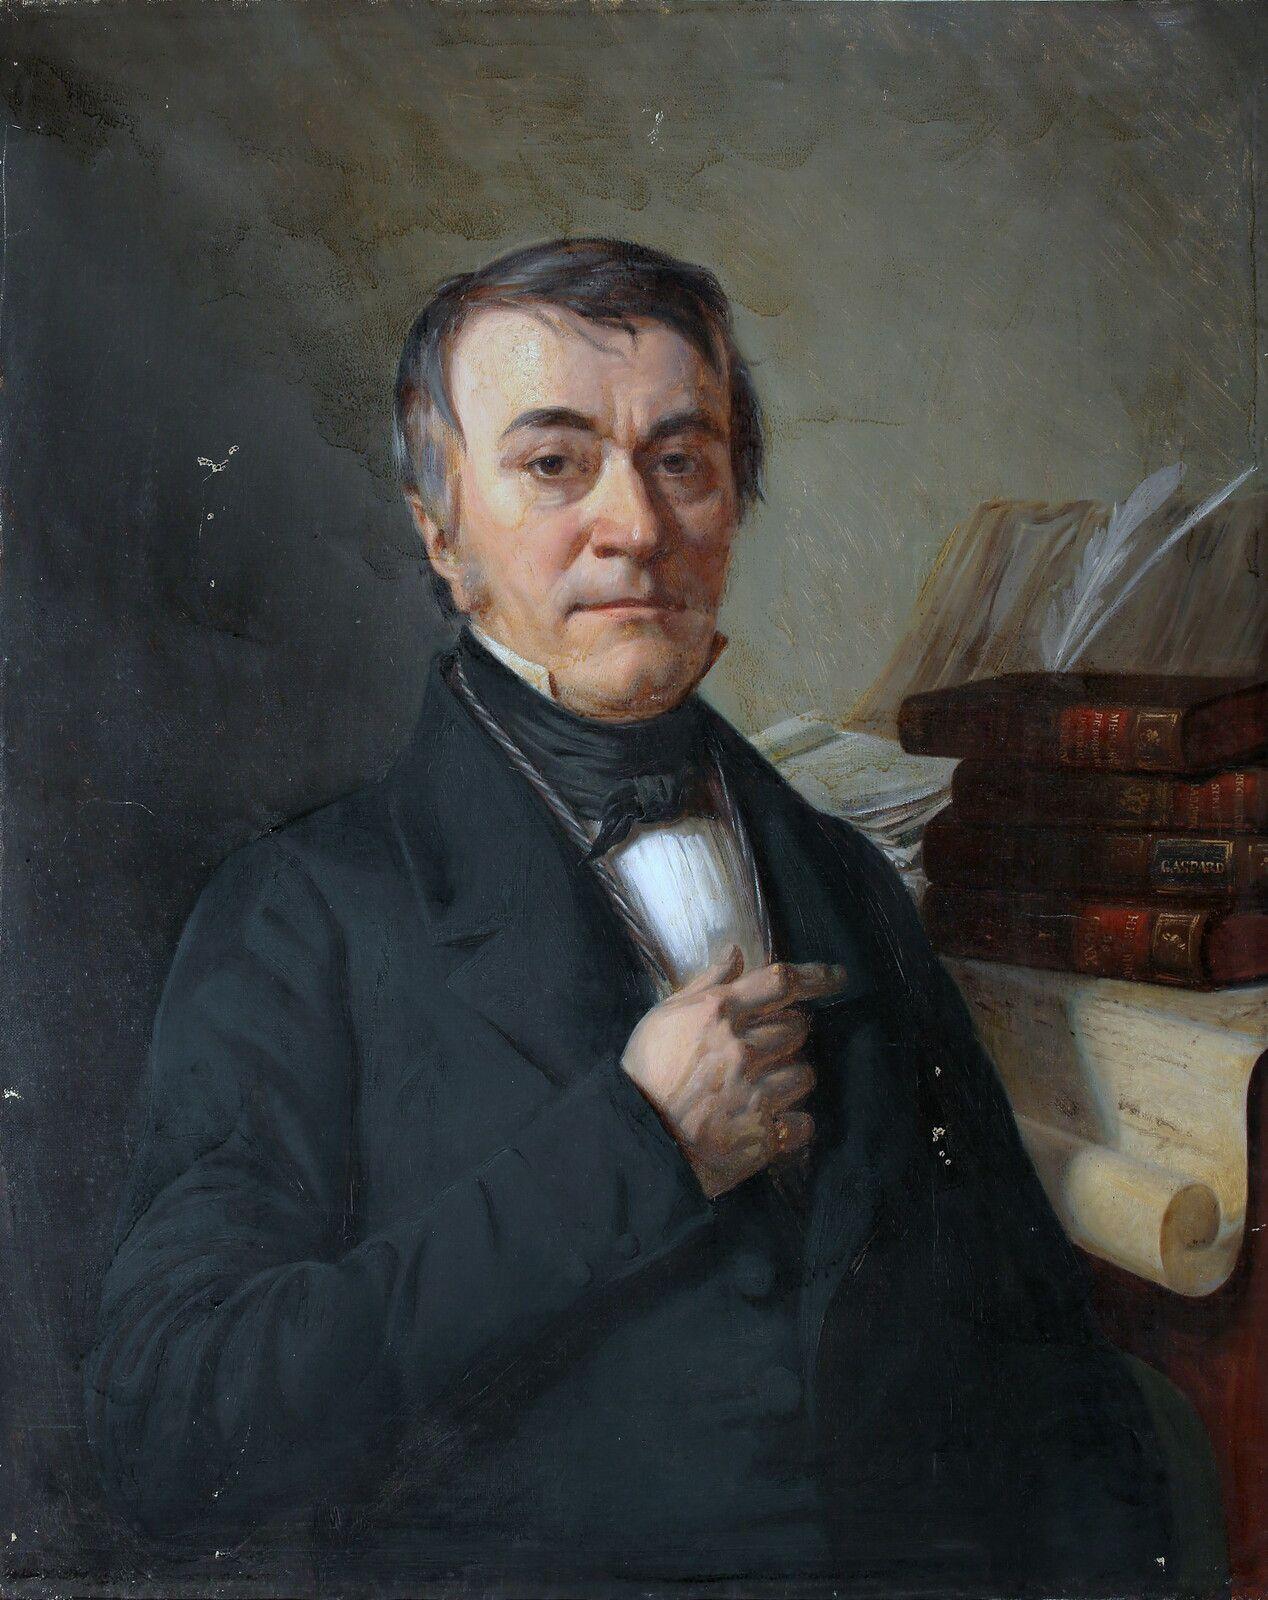 Gaspard, l'historien de Gigny. Cl. H. Bbertand/Musée de Dole